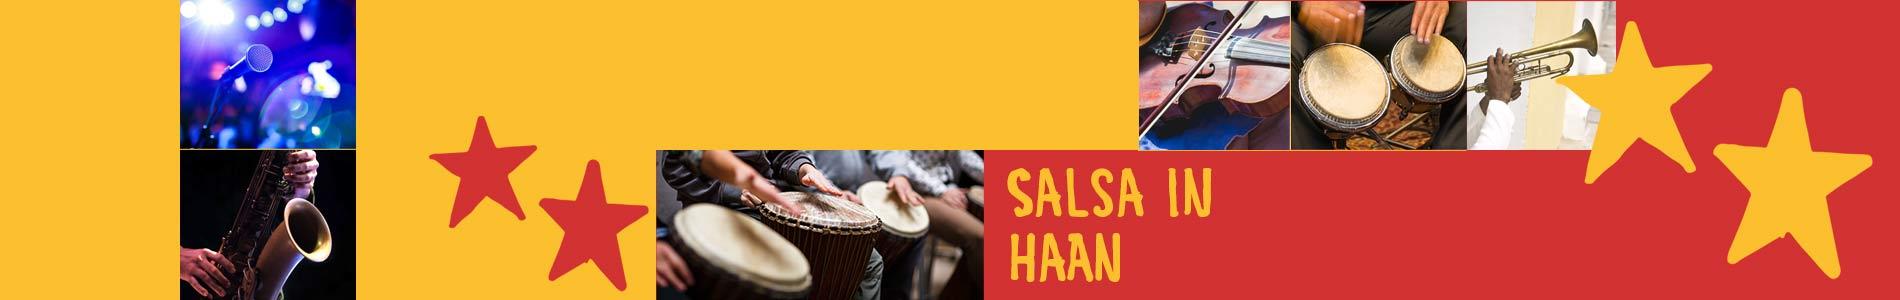 Salsa in Haan – Salsa lernen und tanzen, Tanzkurse, Partys, Veranstaltungen